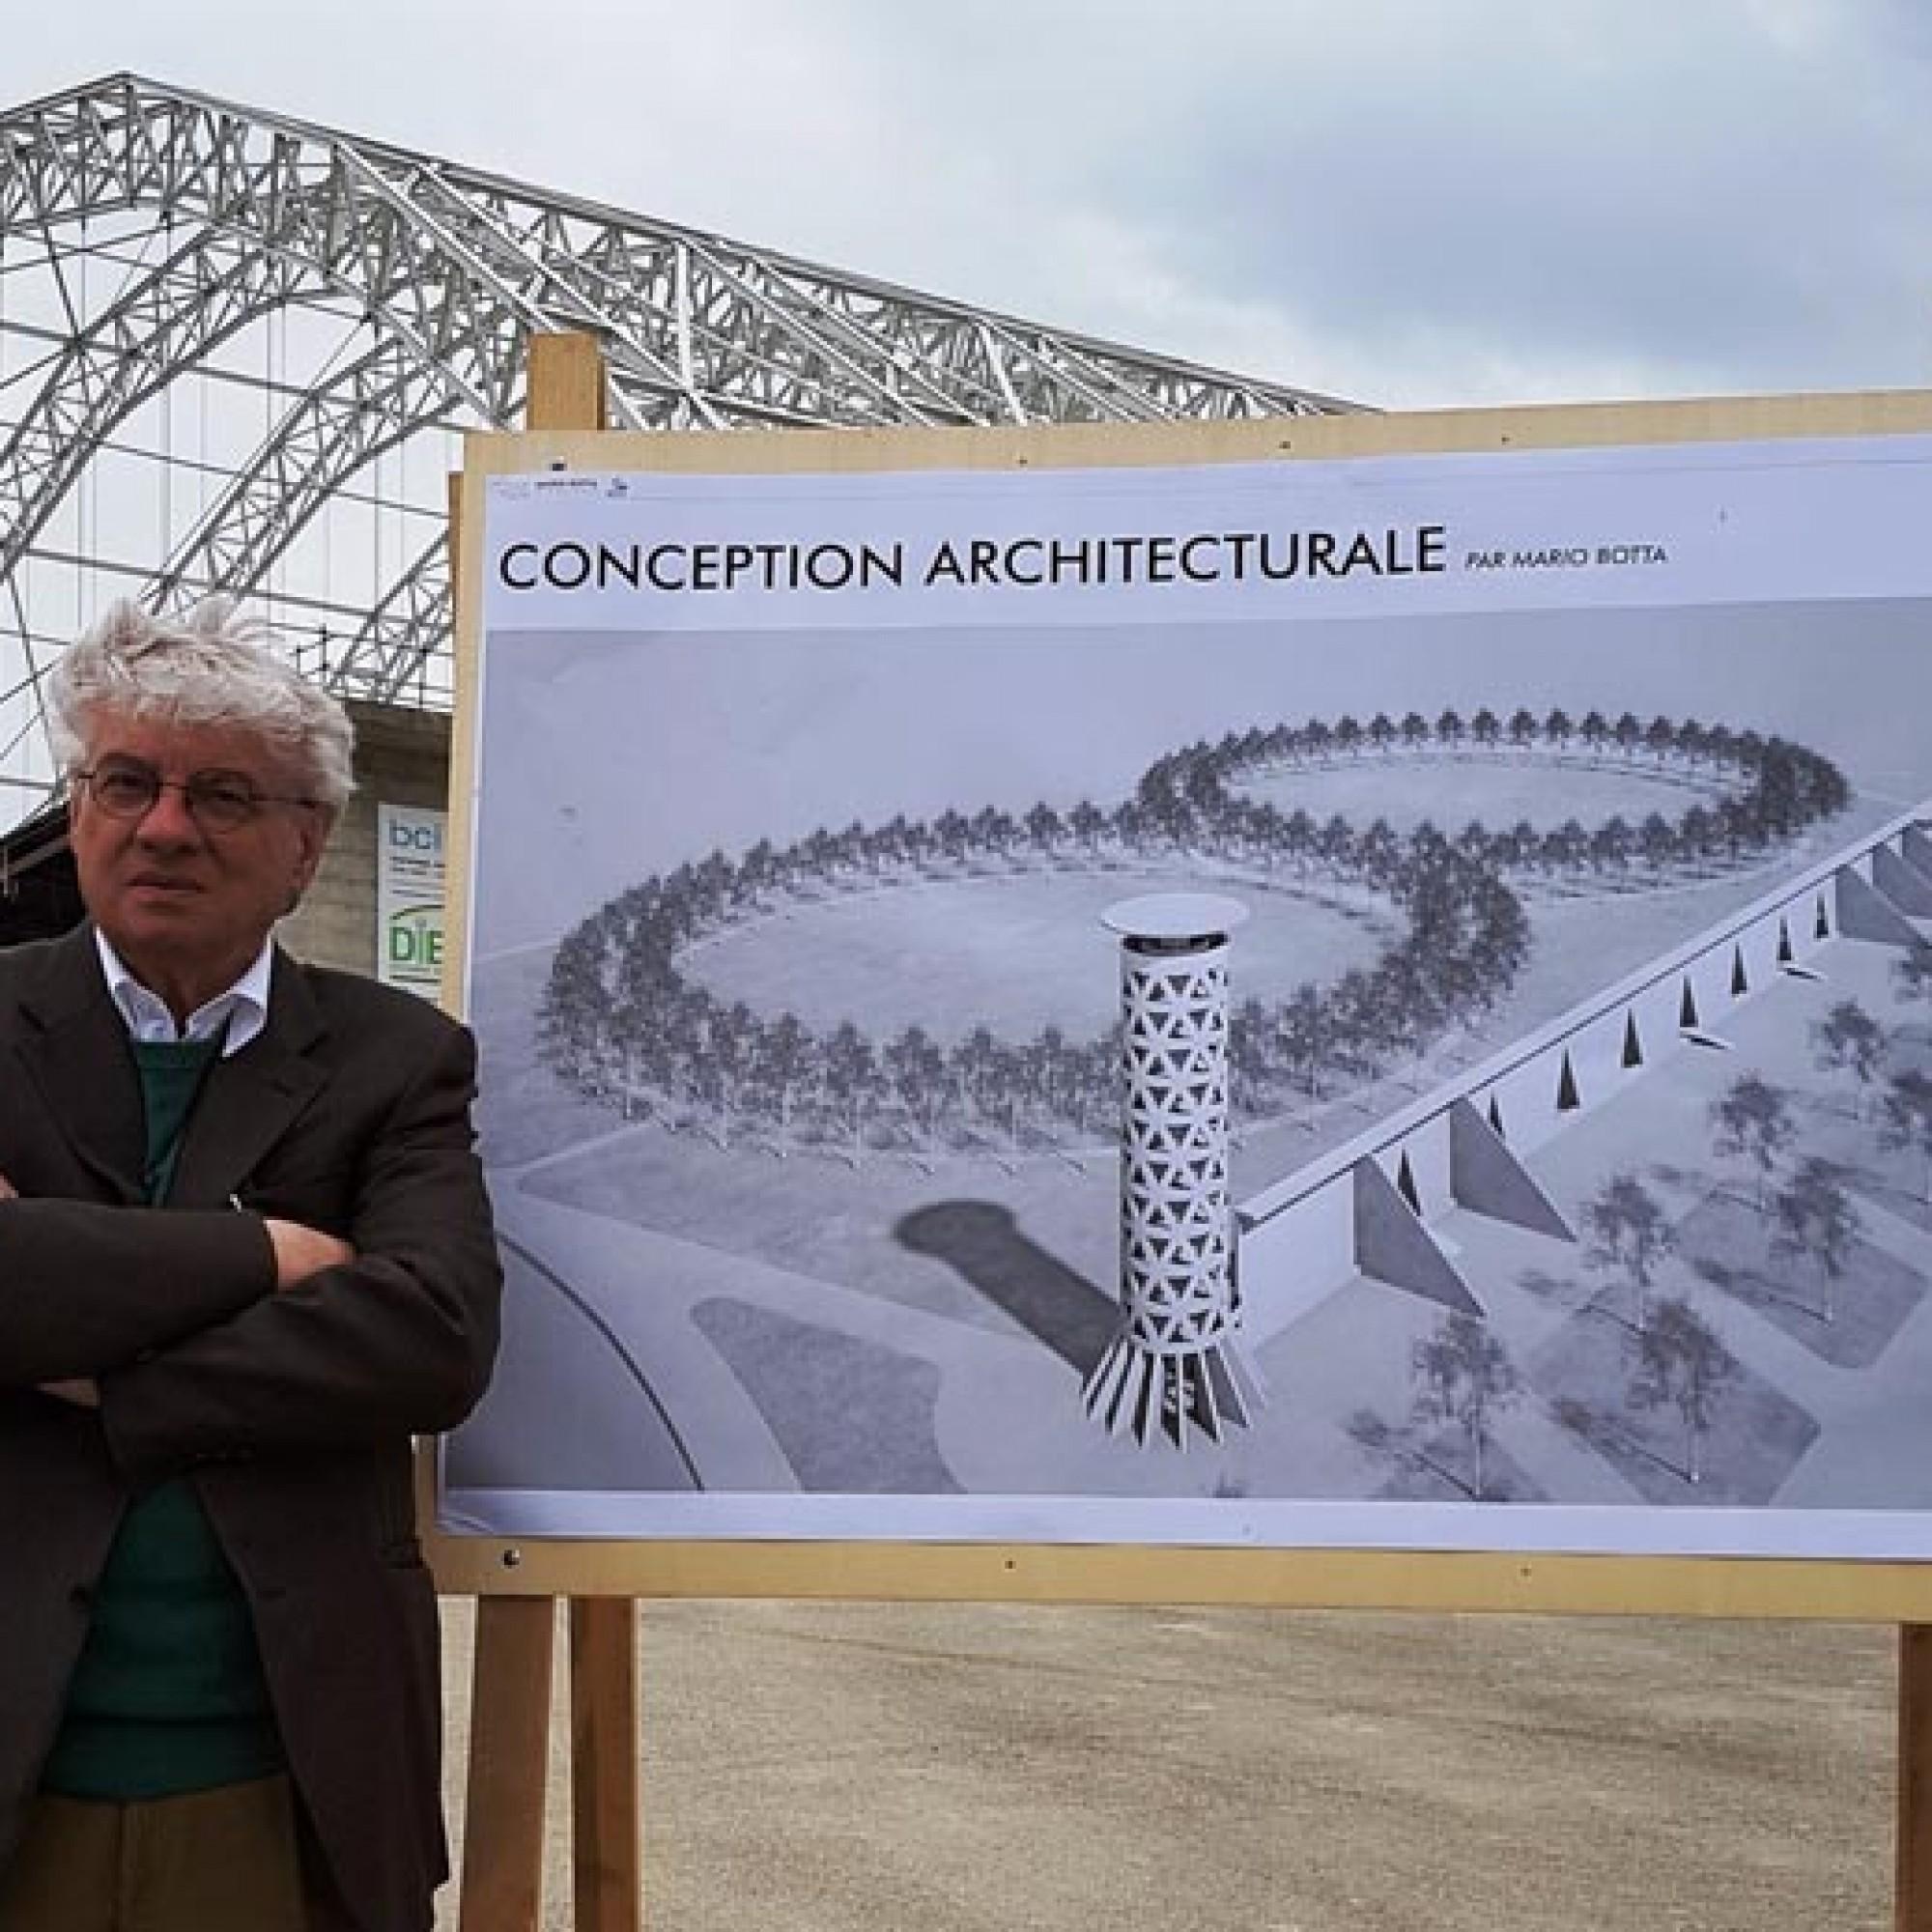 Mario Botta a présenté son projet de métamorphose de l'ancienne décharge chimique. Deux cercles de chênes permettront de recréer une forêt et une tour de 40 m offira une vue panoramique extraordinaire sur le paysage. Image 1 sur 4